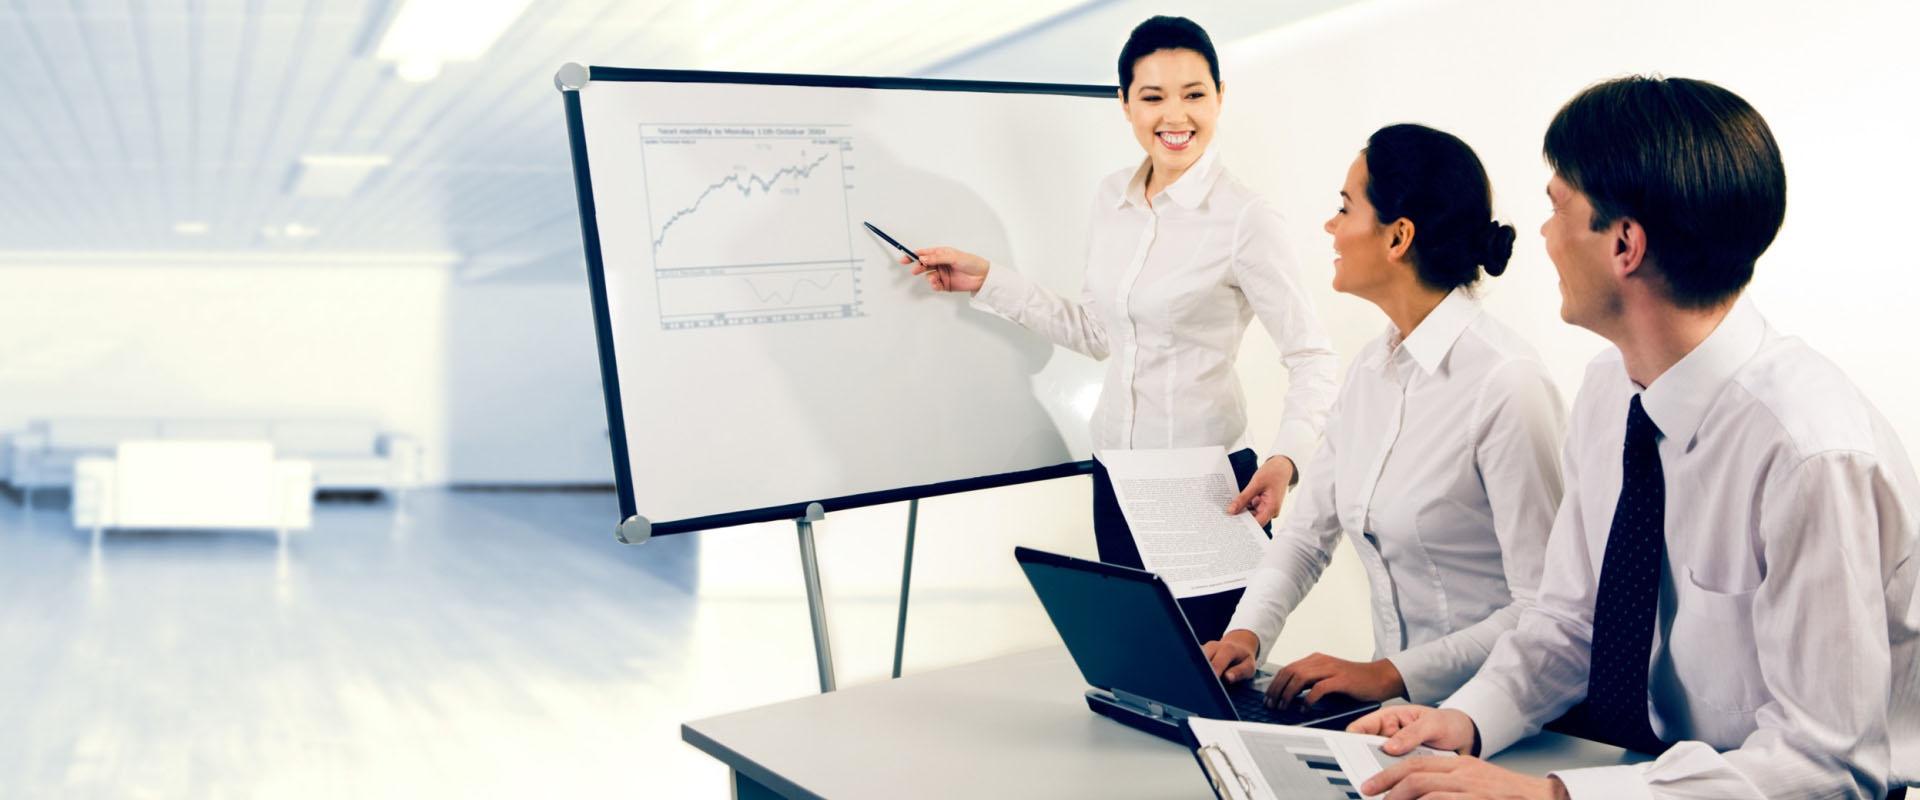 Xero Training Expert Brisbane Terry Shand 0412 764 555